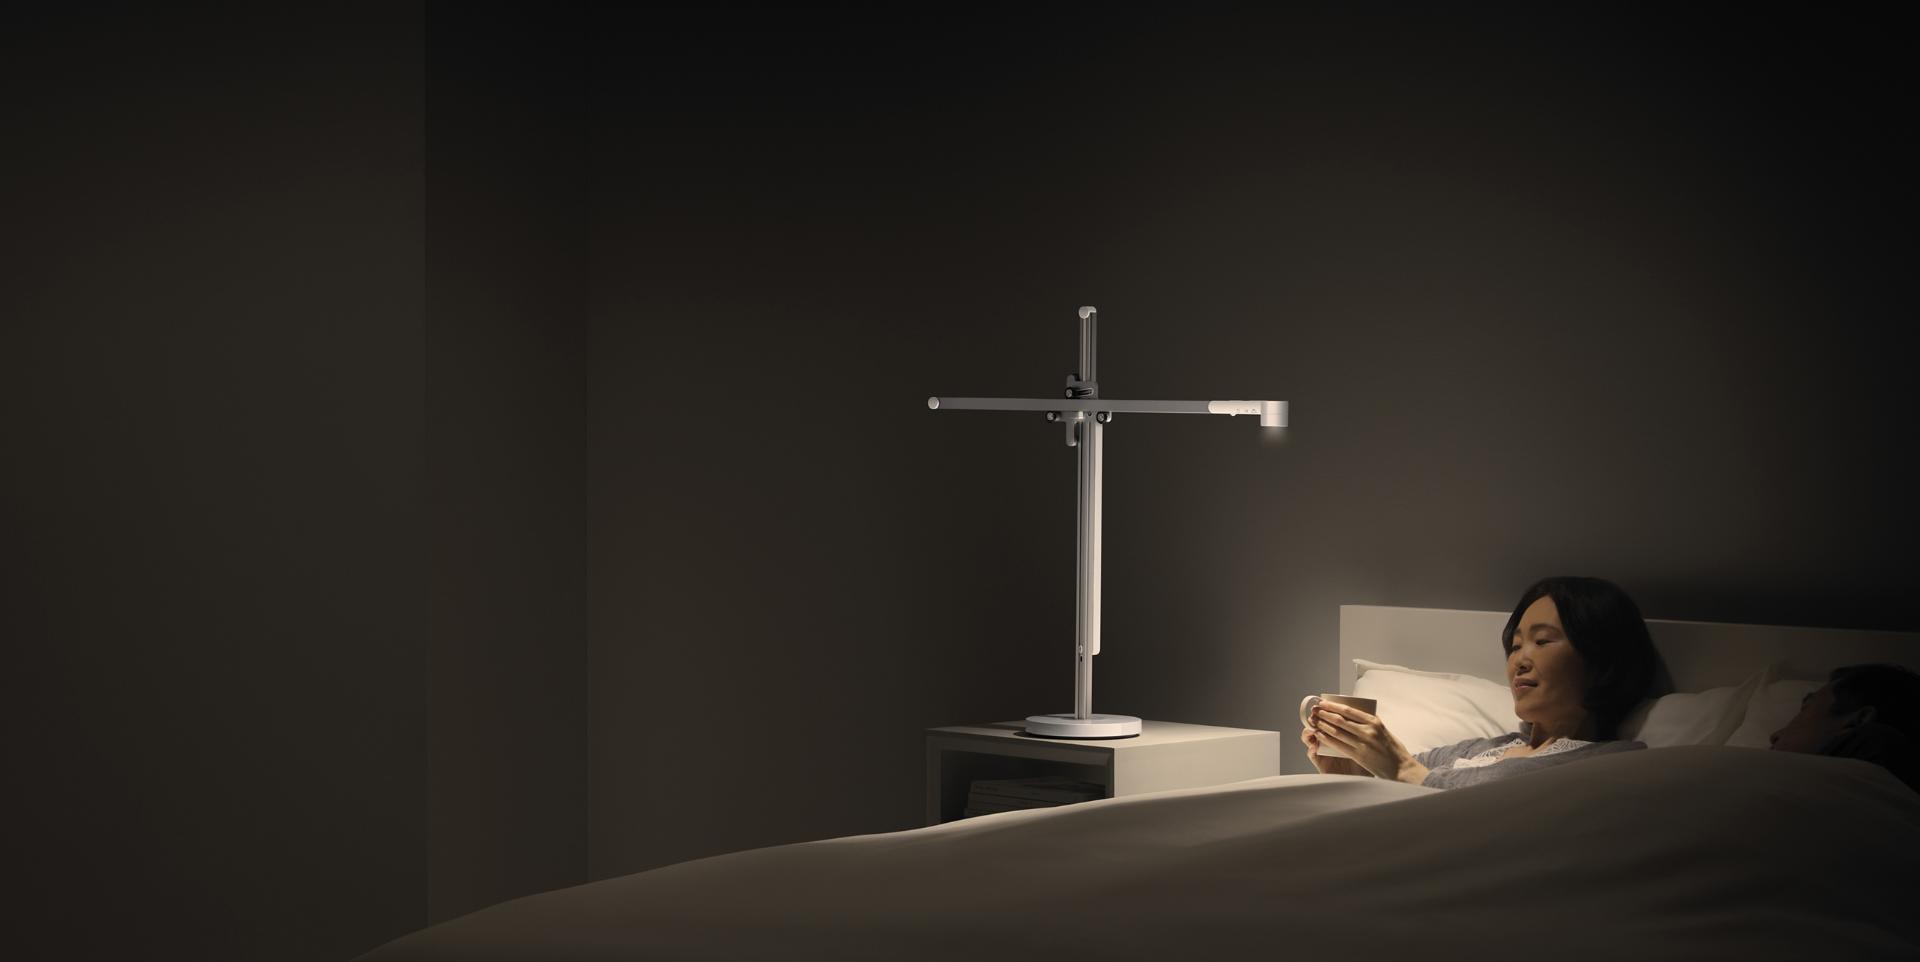 Mujer acostada en la cama con iluminación relajante